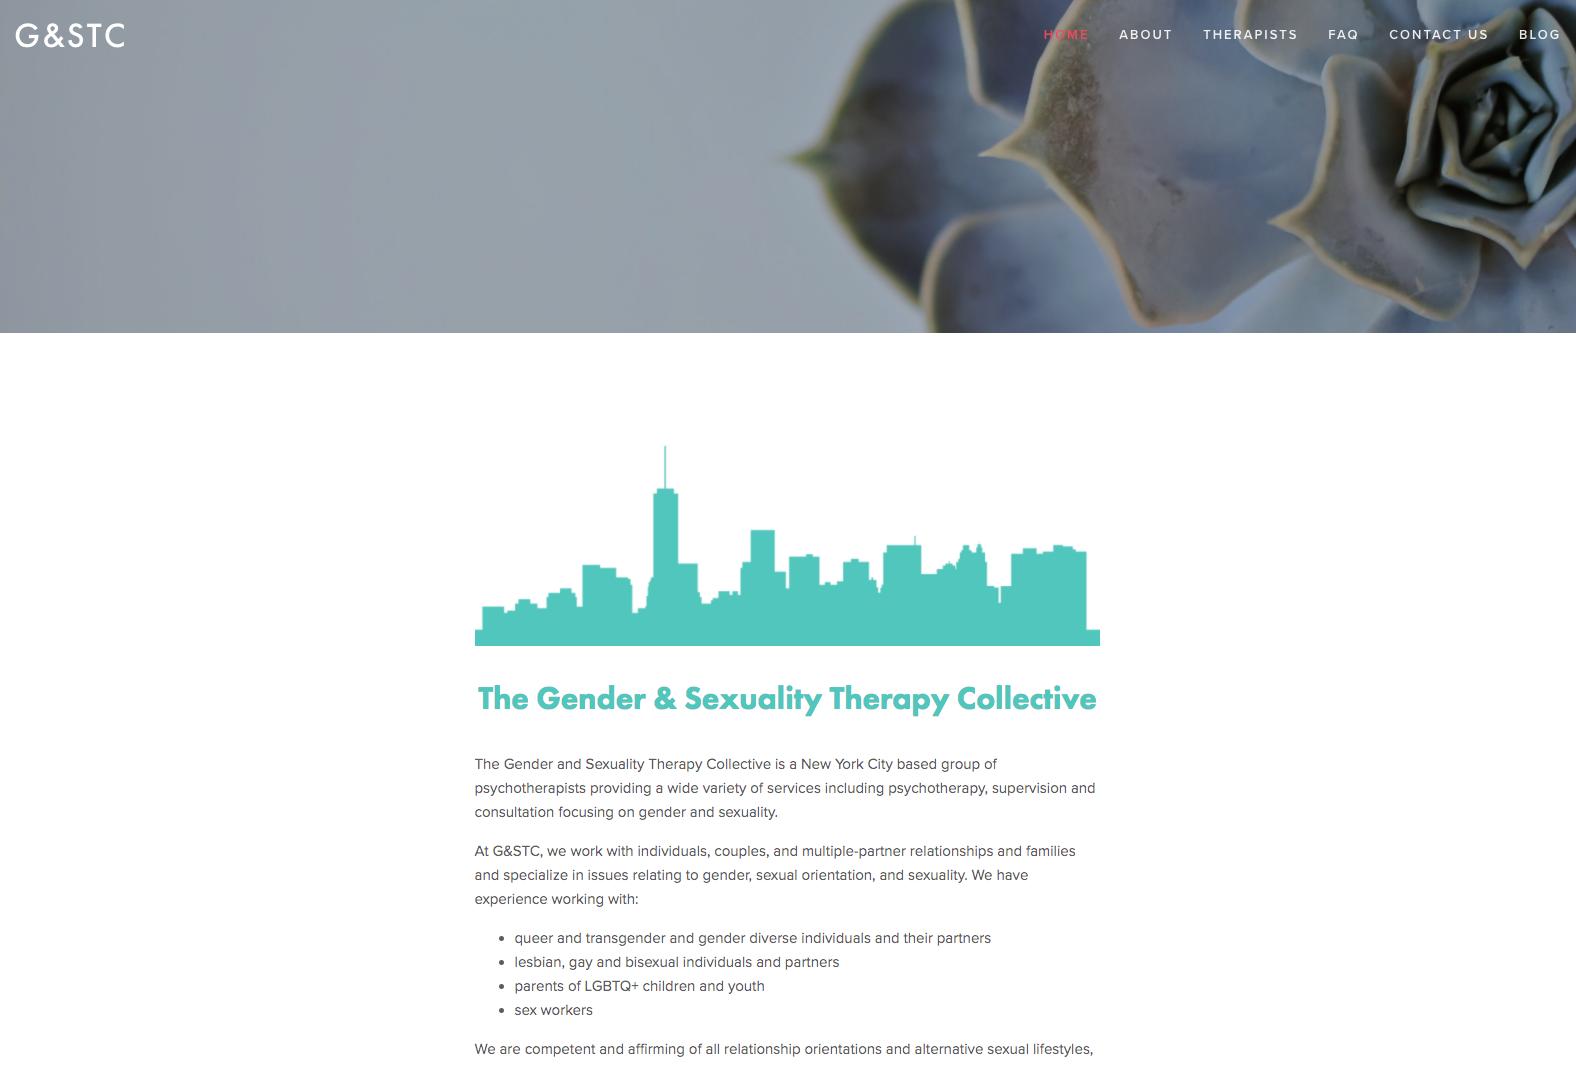 GSTC-Website-Homepage-Screenshot.png